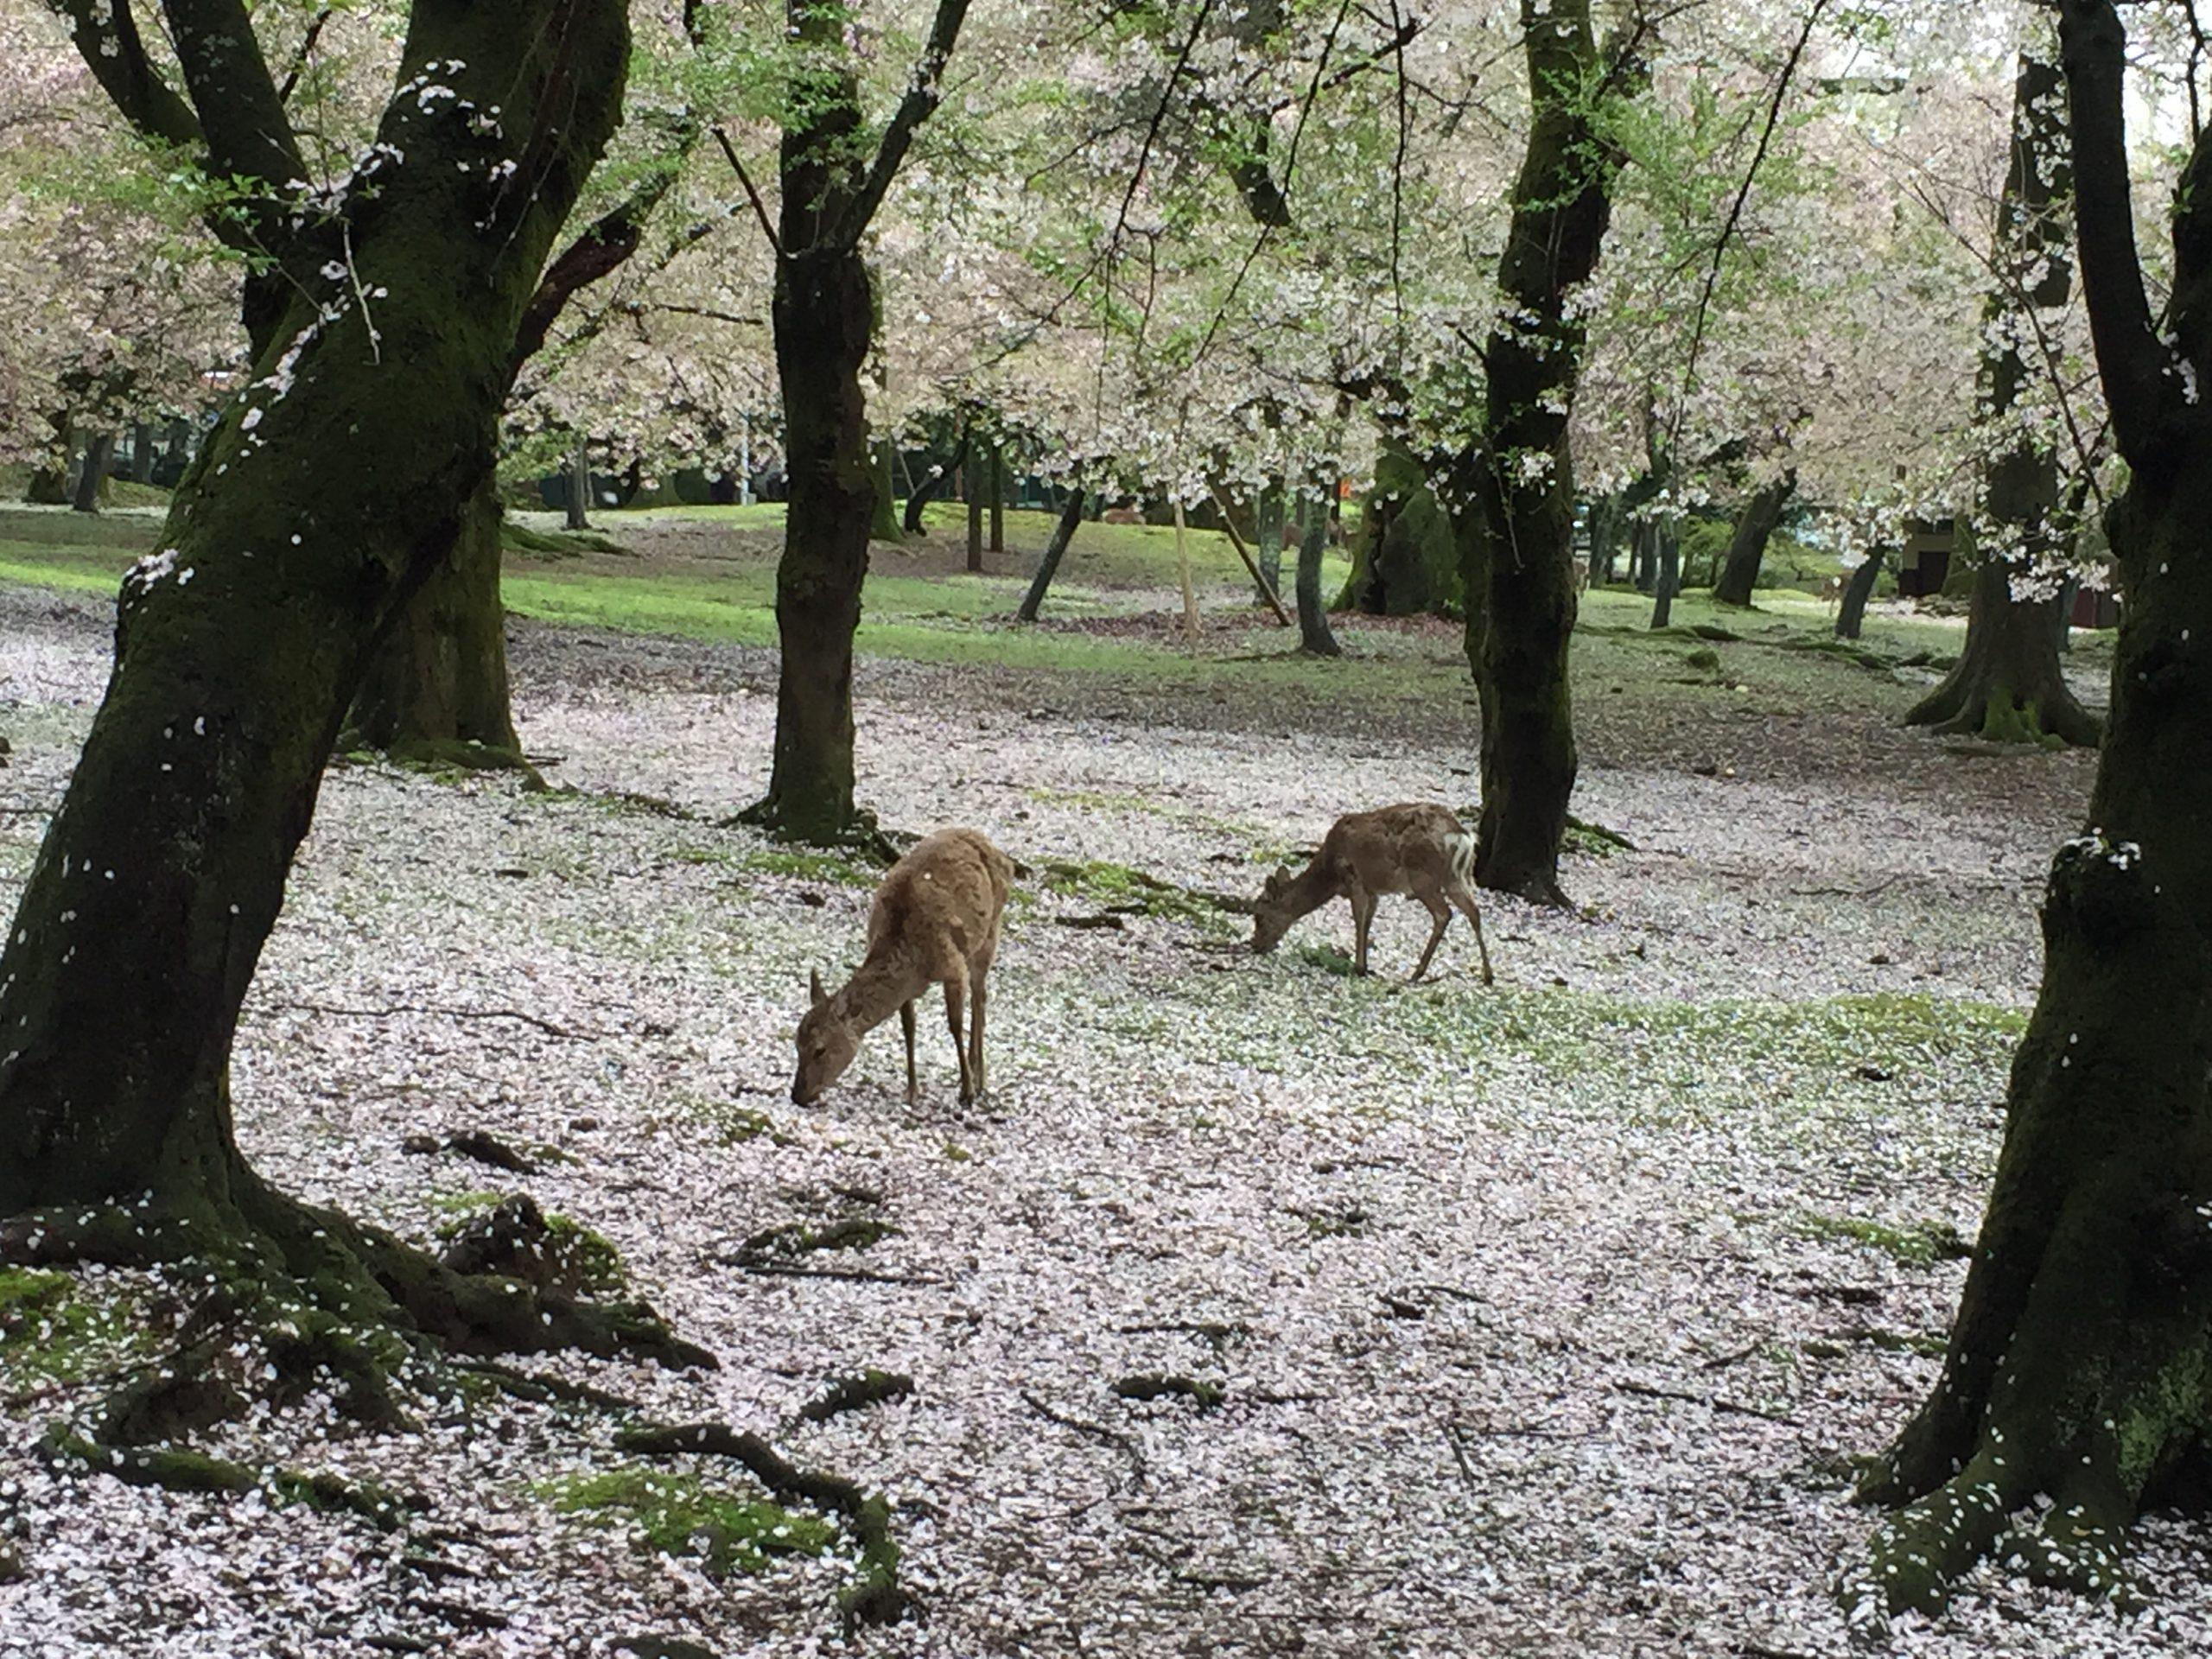 Couleurs d'automne au Japon 2021 en 14 jours